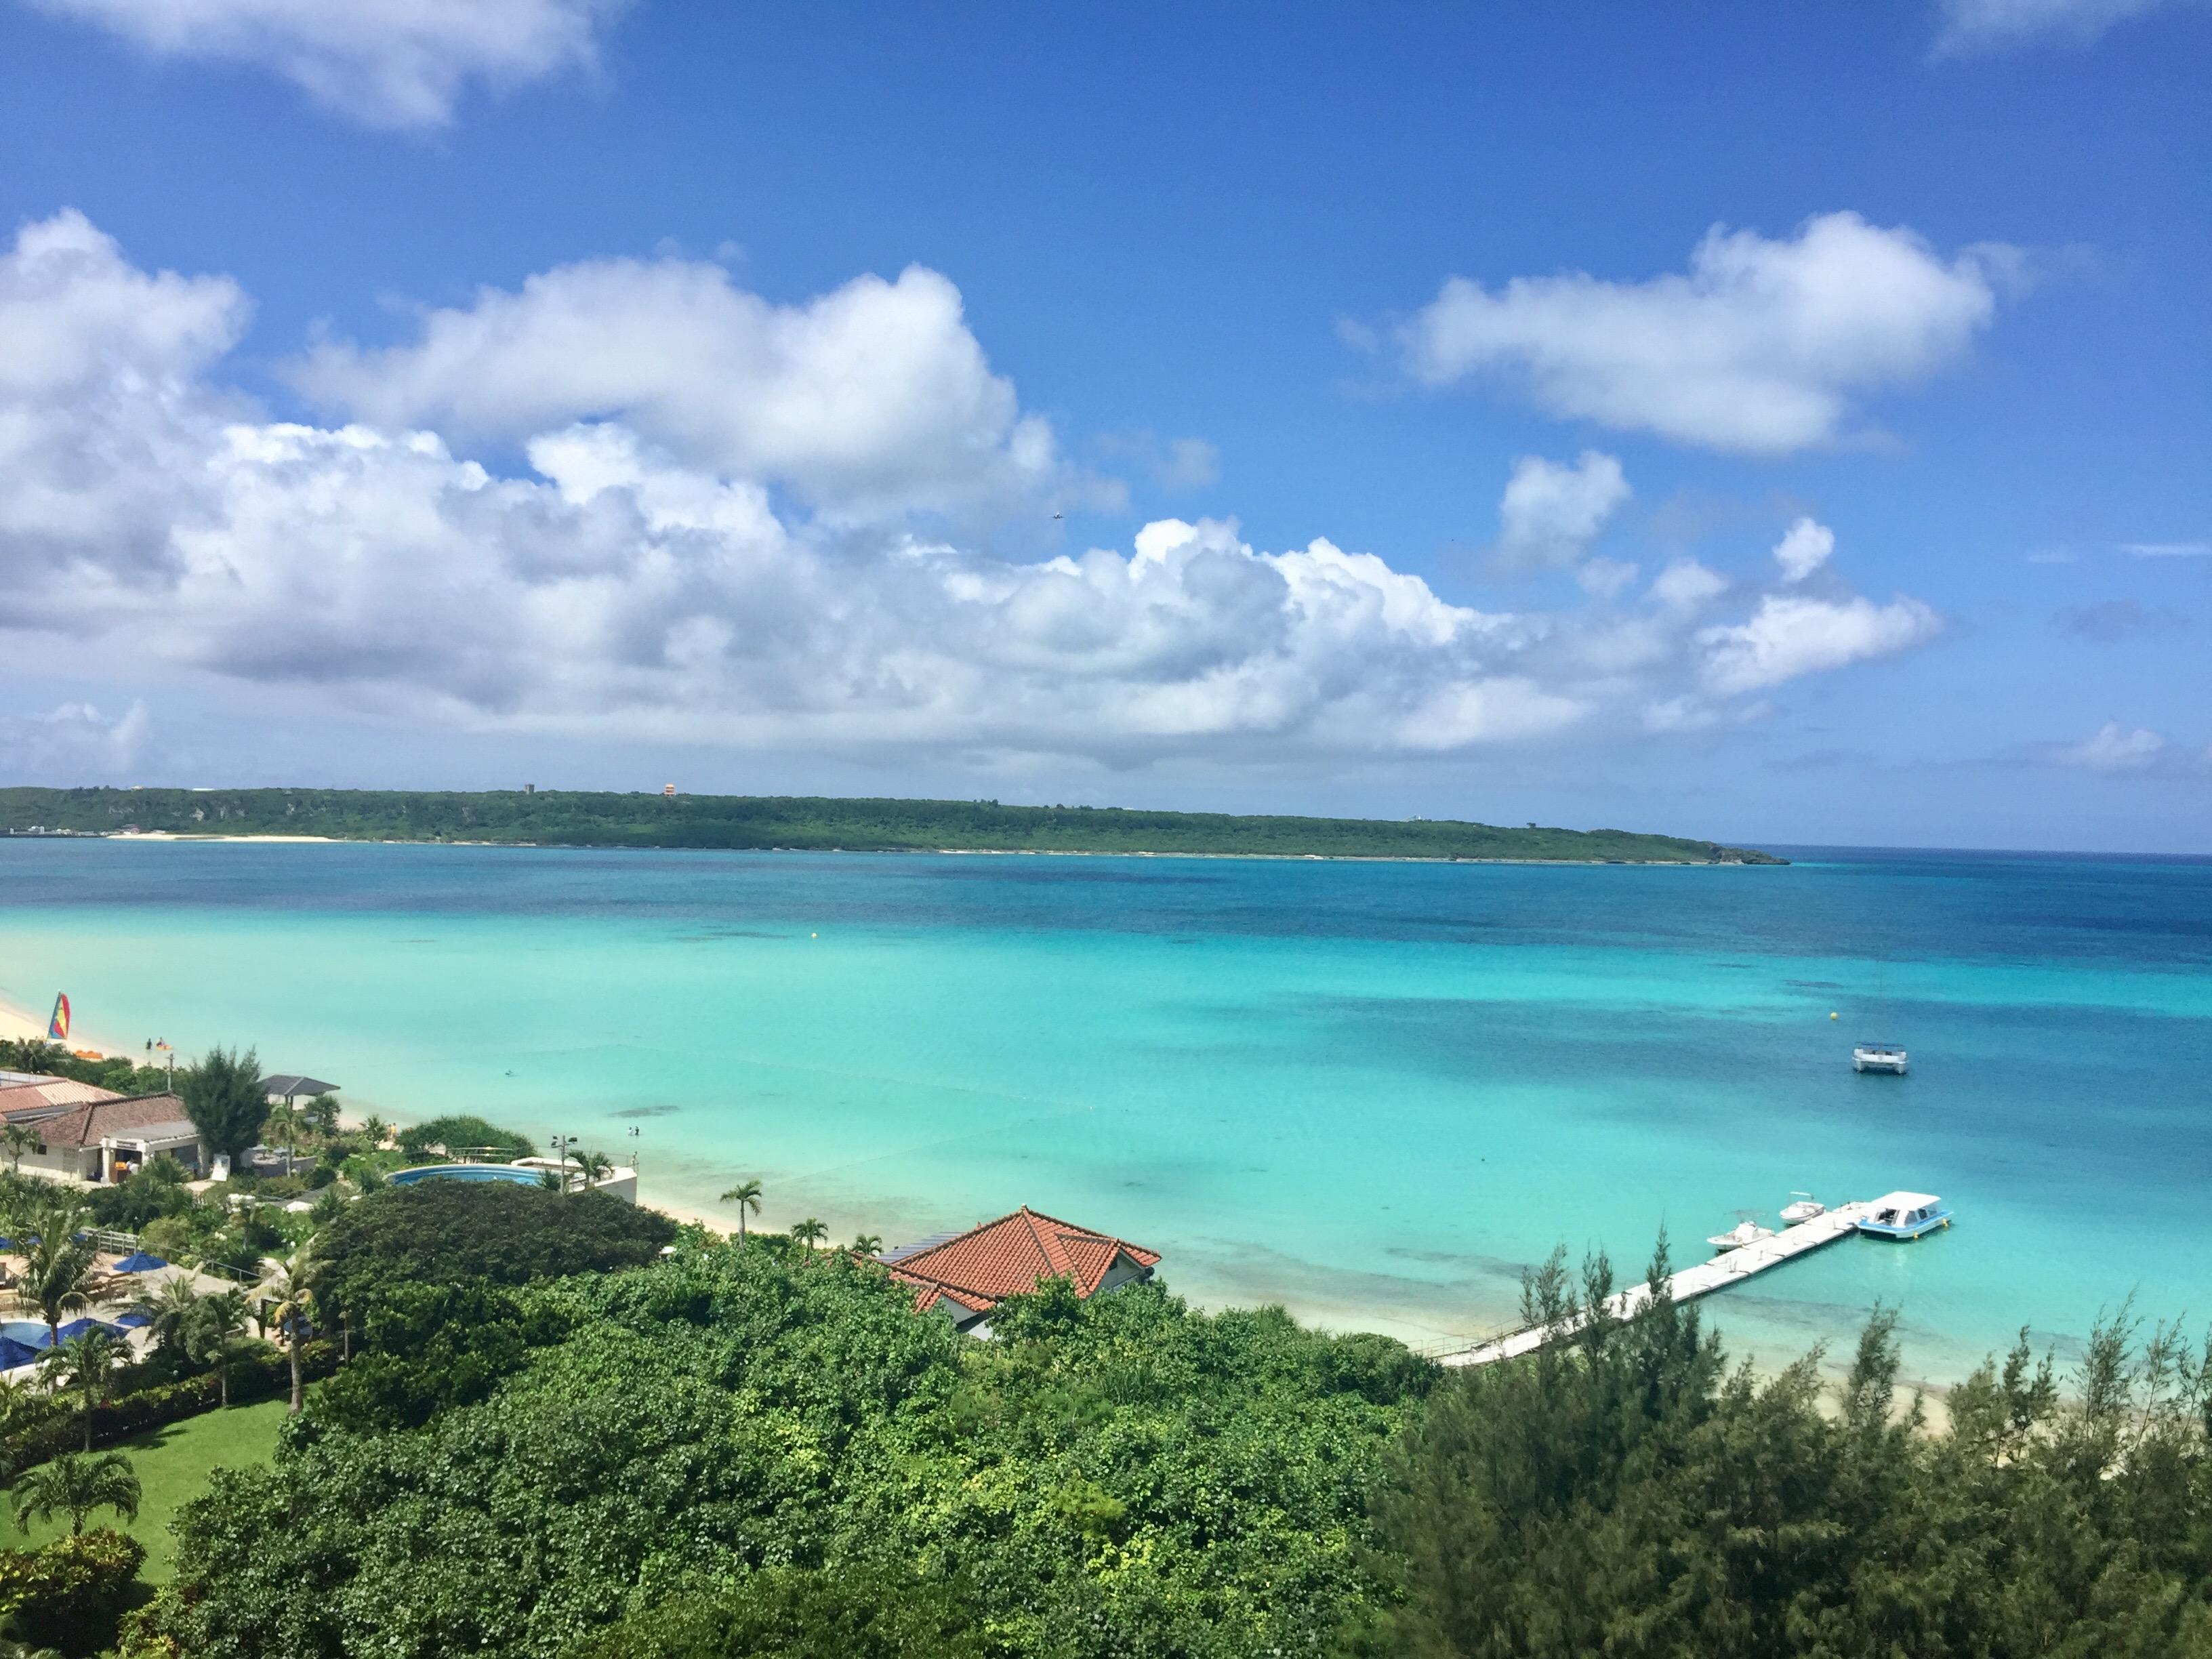 【宮古島】東洋一美しい海にも魅せられて、6回訪問しているワケ